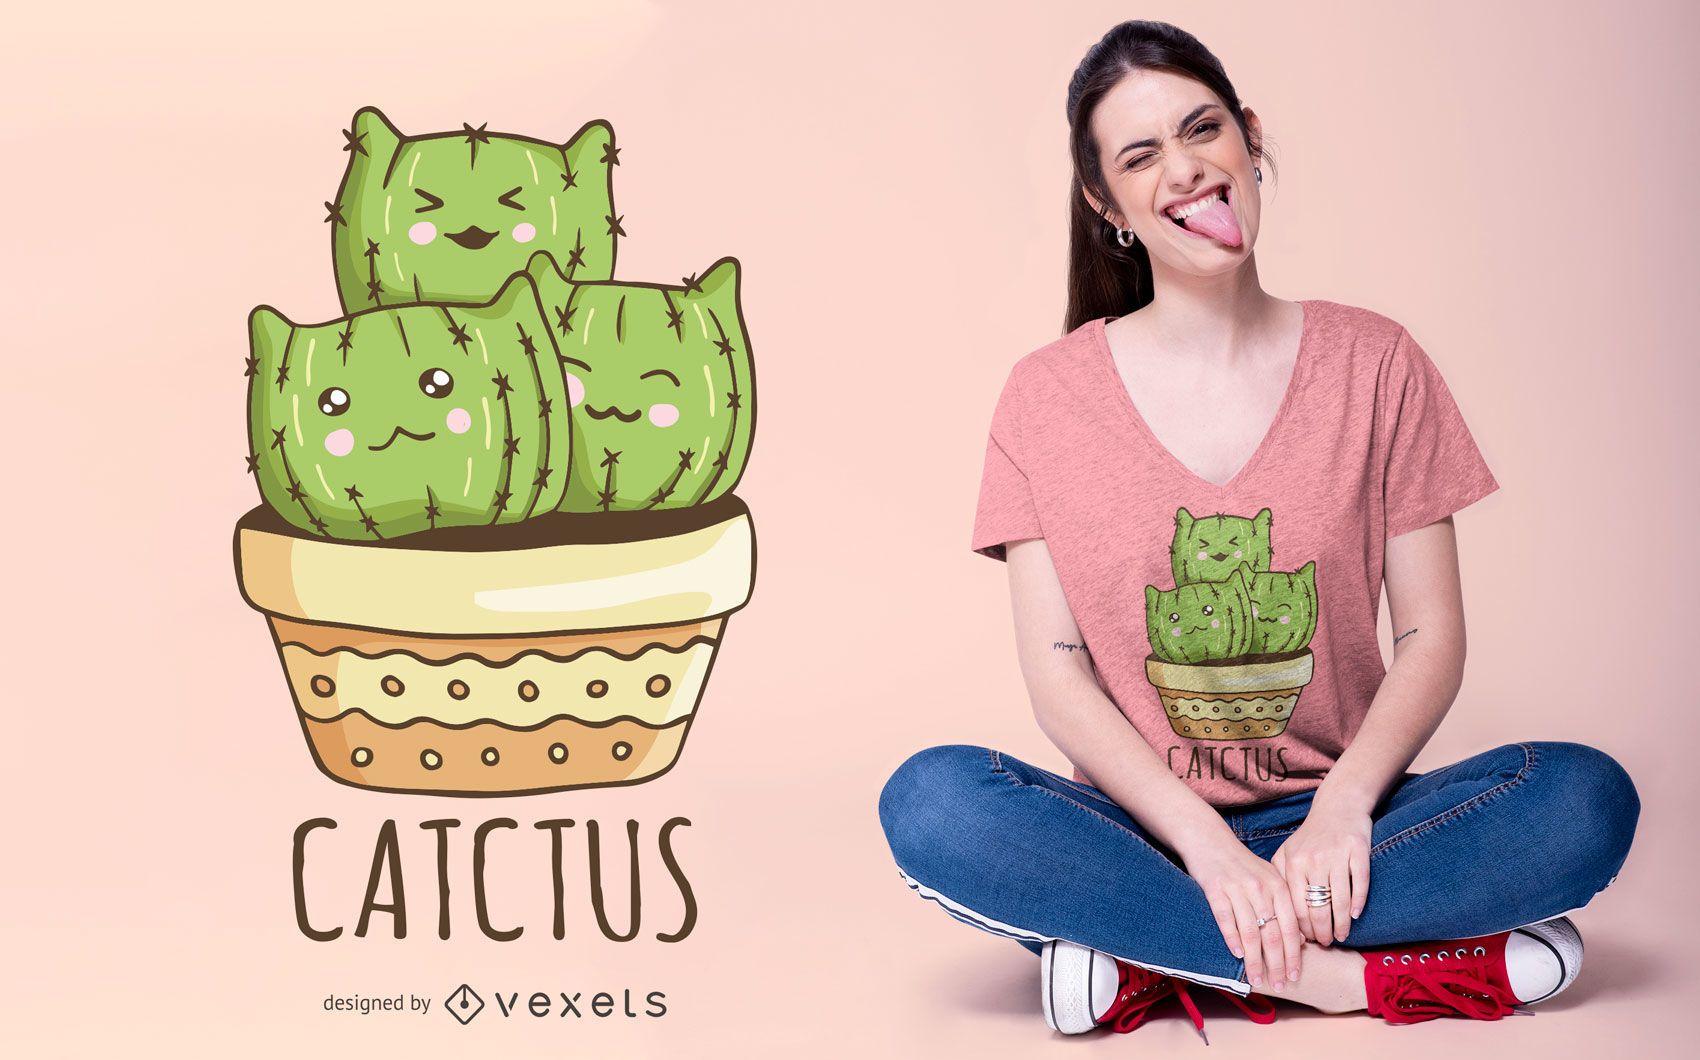 Catctus t-shirt design